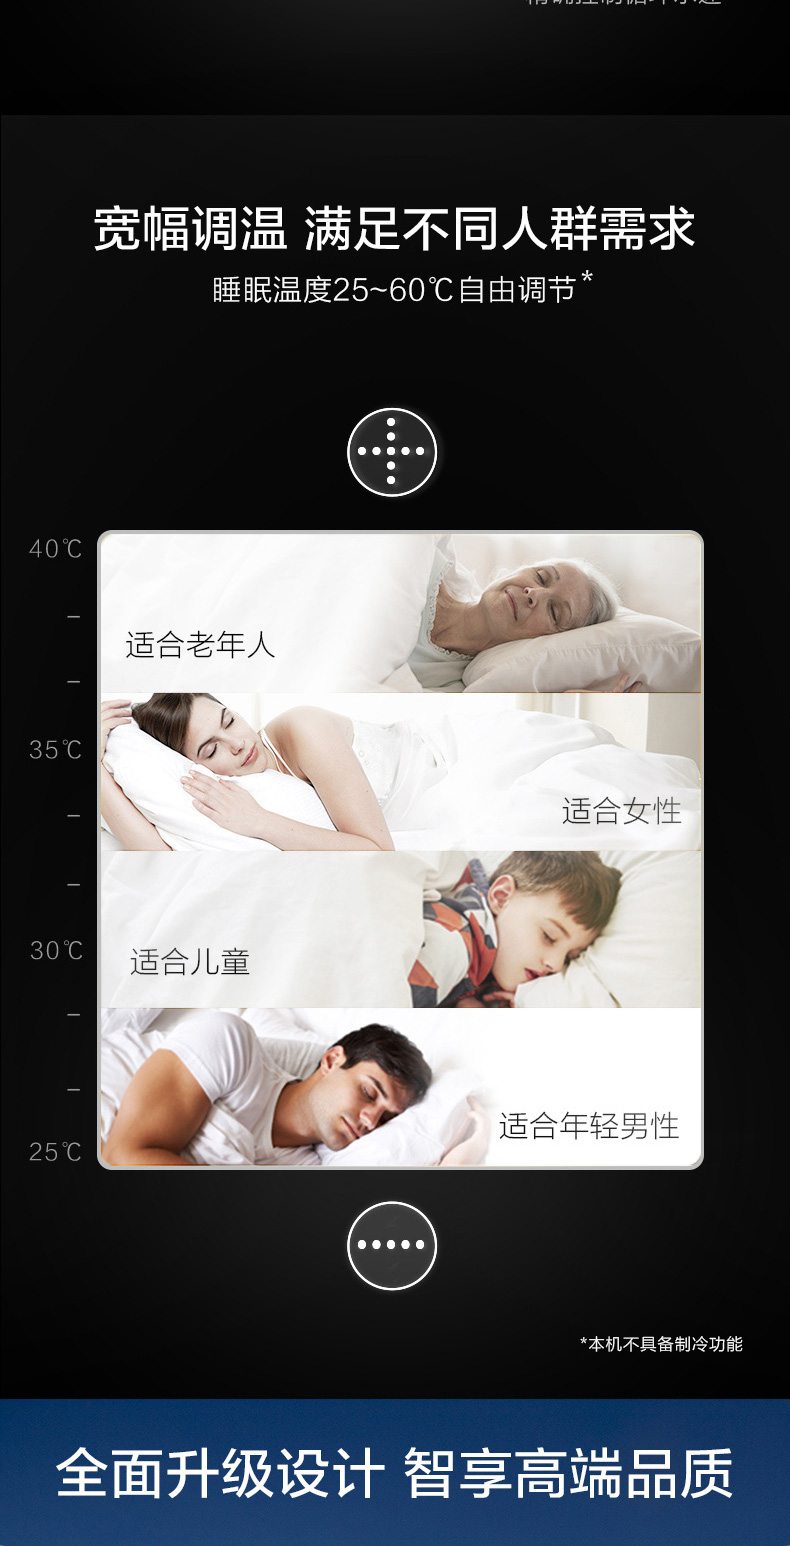 天猫款详情切图_790px_0912_04.jpg